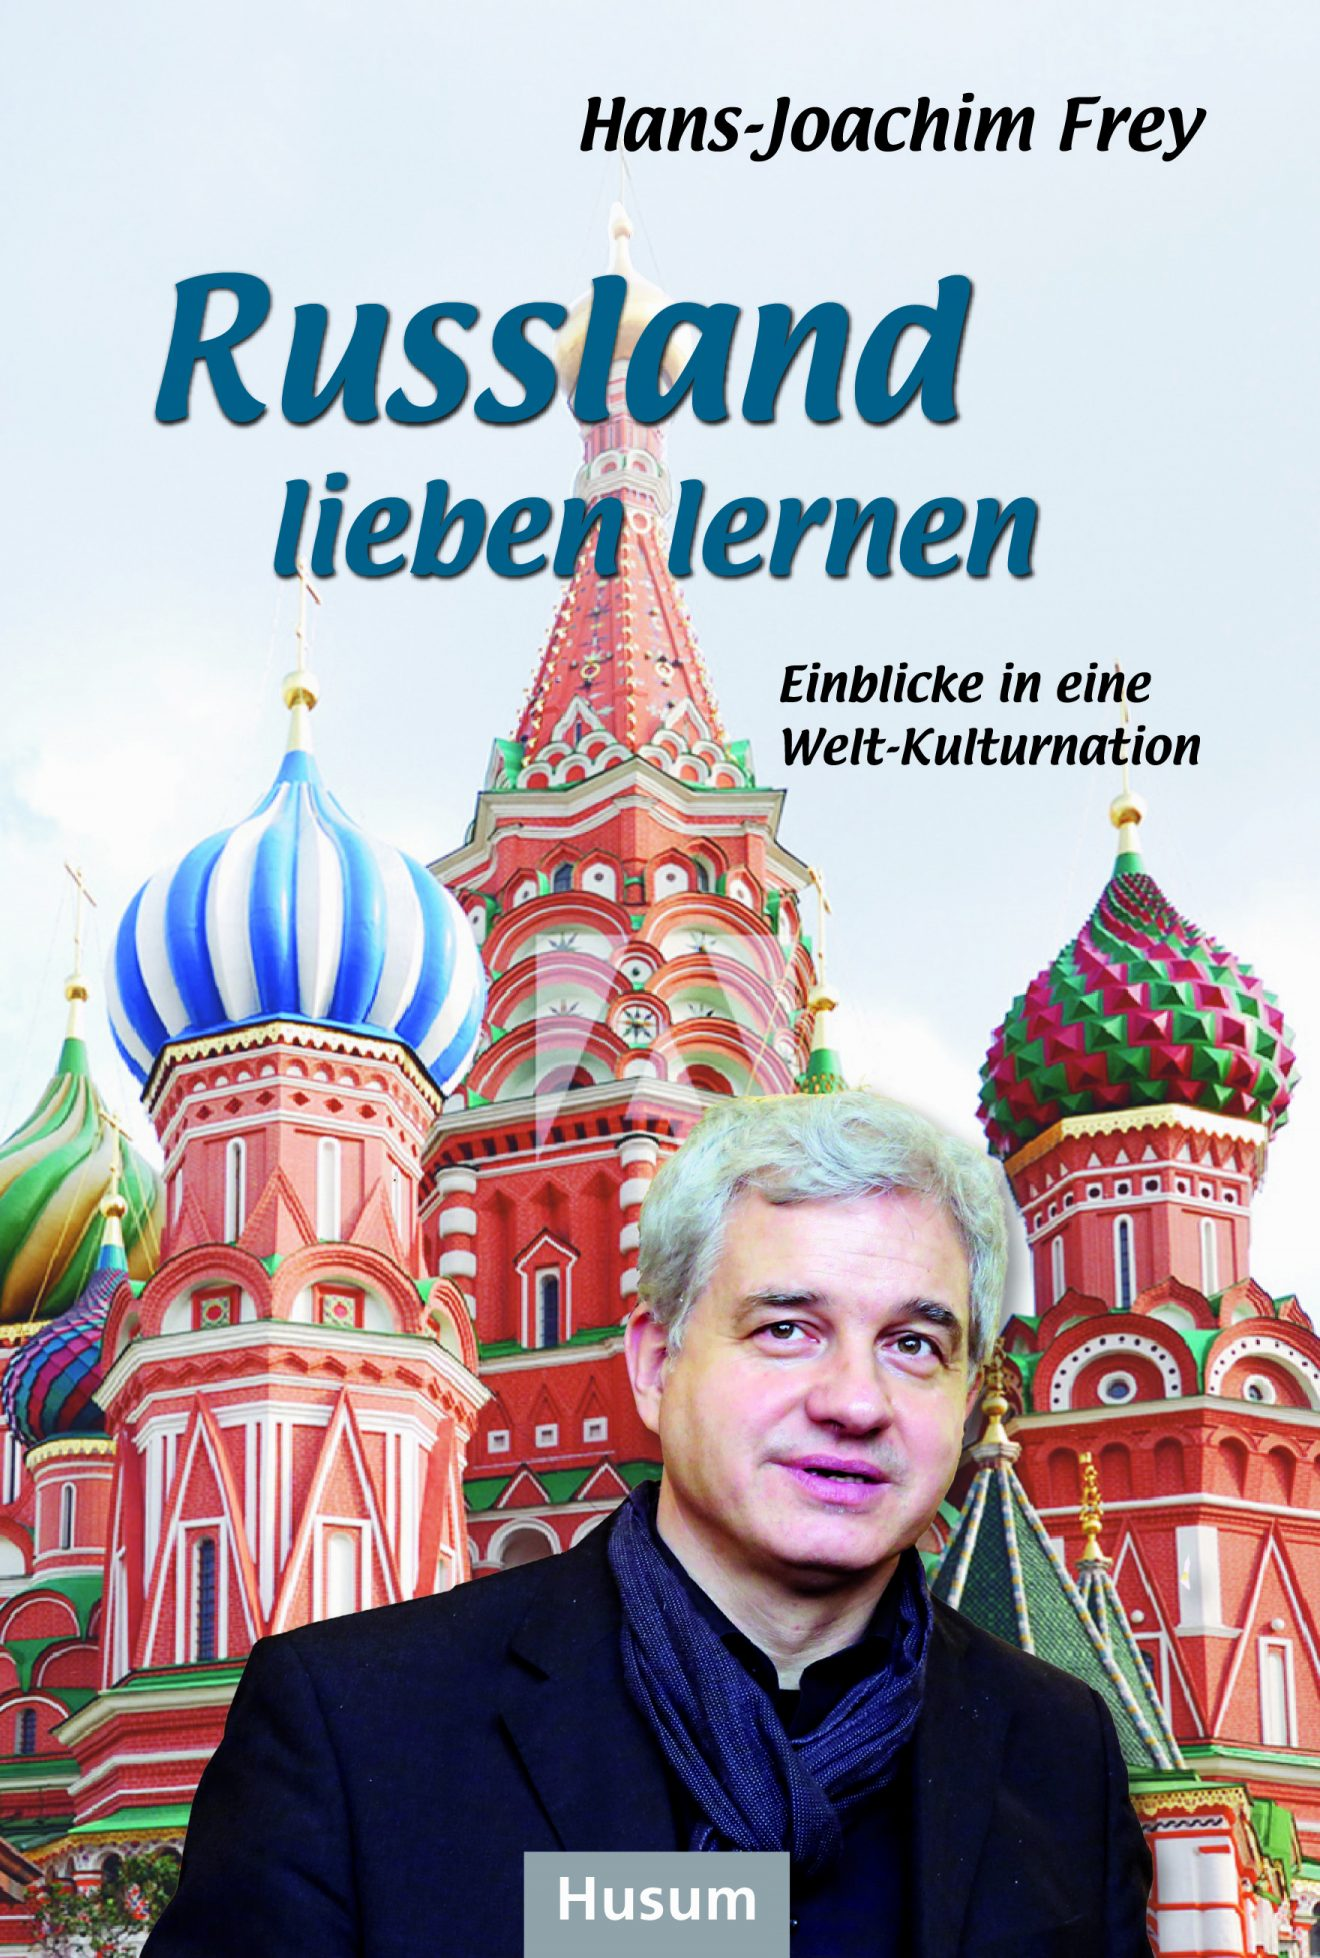 Ханс-Йоахим Фрай: «Научиться любить Россию - понимание мировой культурной нации»